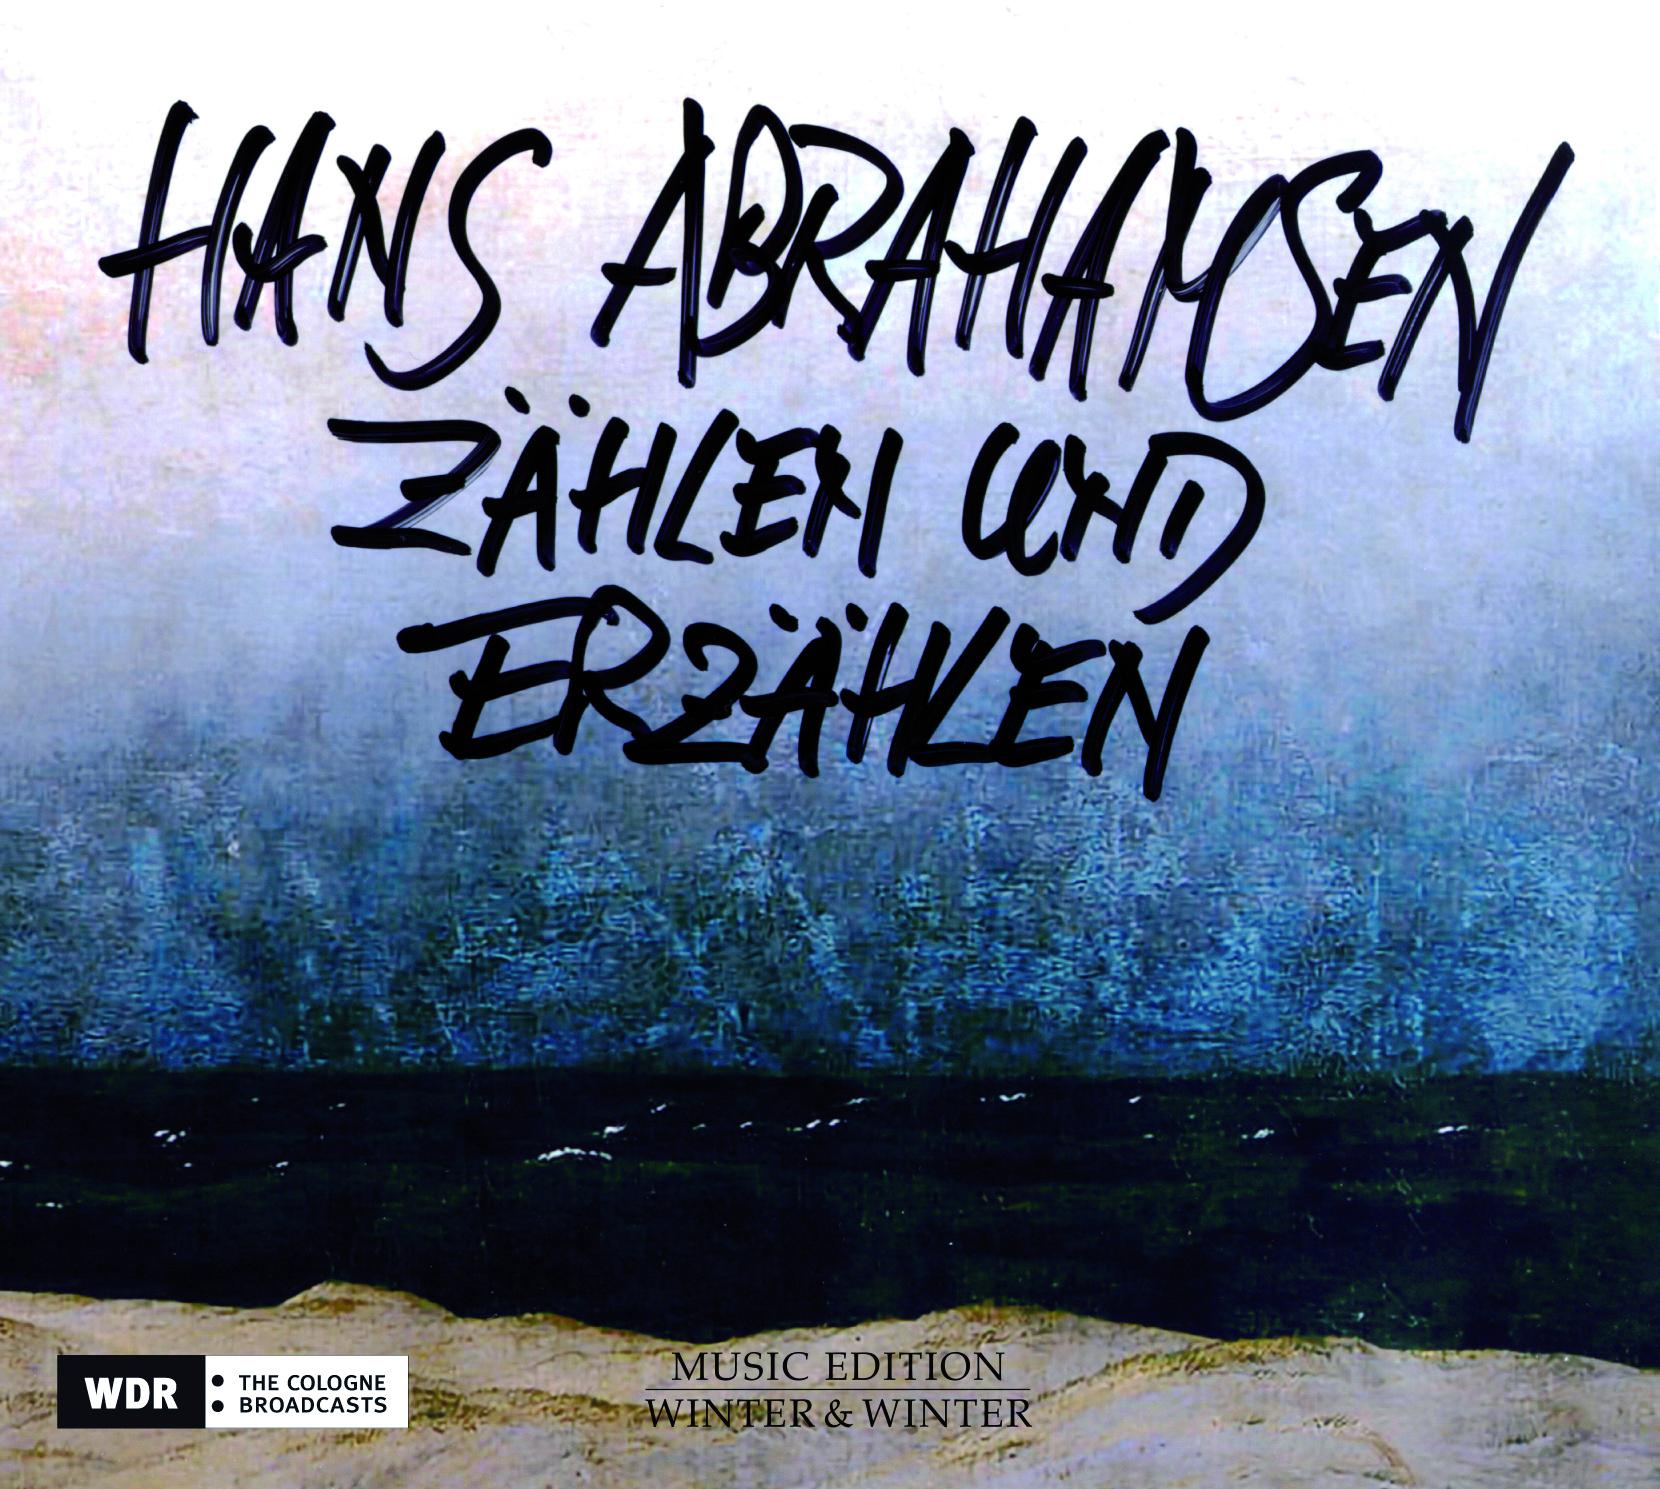 Zählen und Erzählen  by Hans Abrahamsen Tamara Stefanovich (piano)  WDR Sinfonieorchester Köln Jonathan Stockhammer (conductor) (Winter & Winter, February 2015)  Reviewed by Matt Mendez